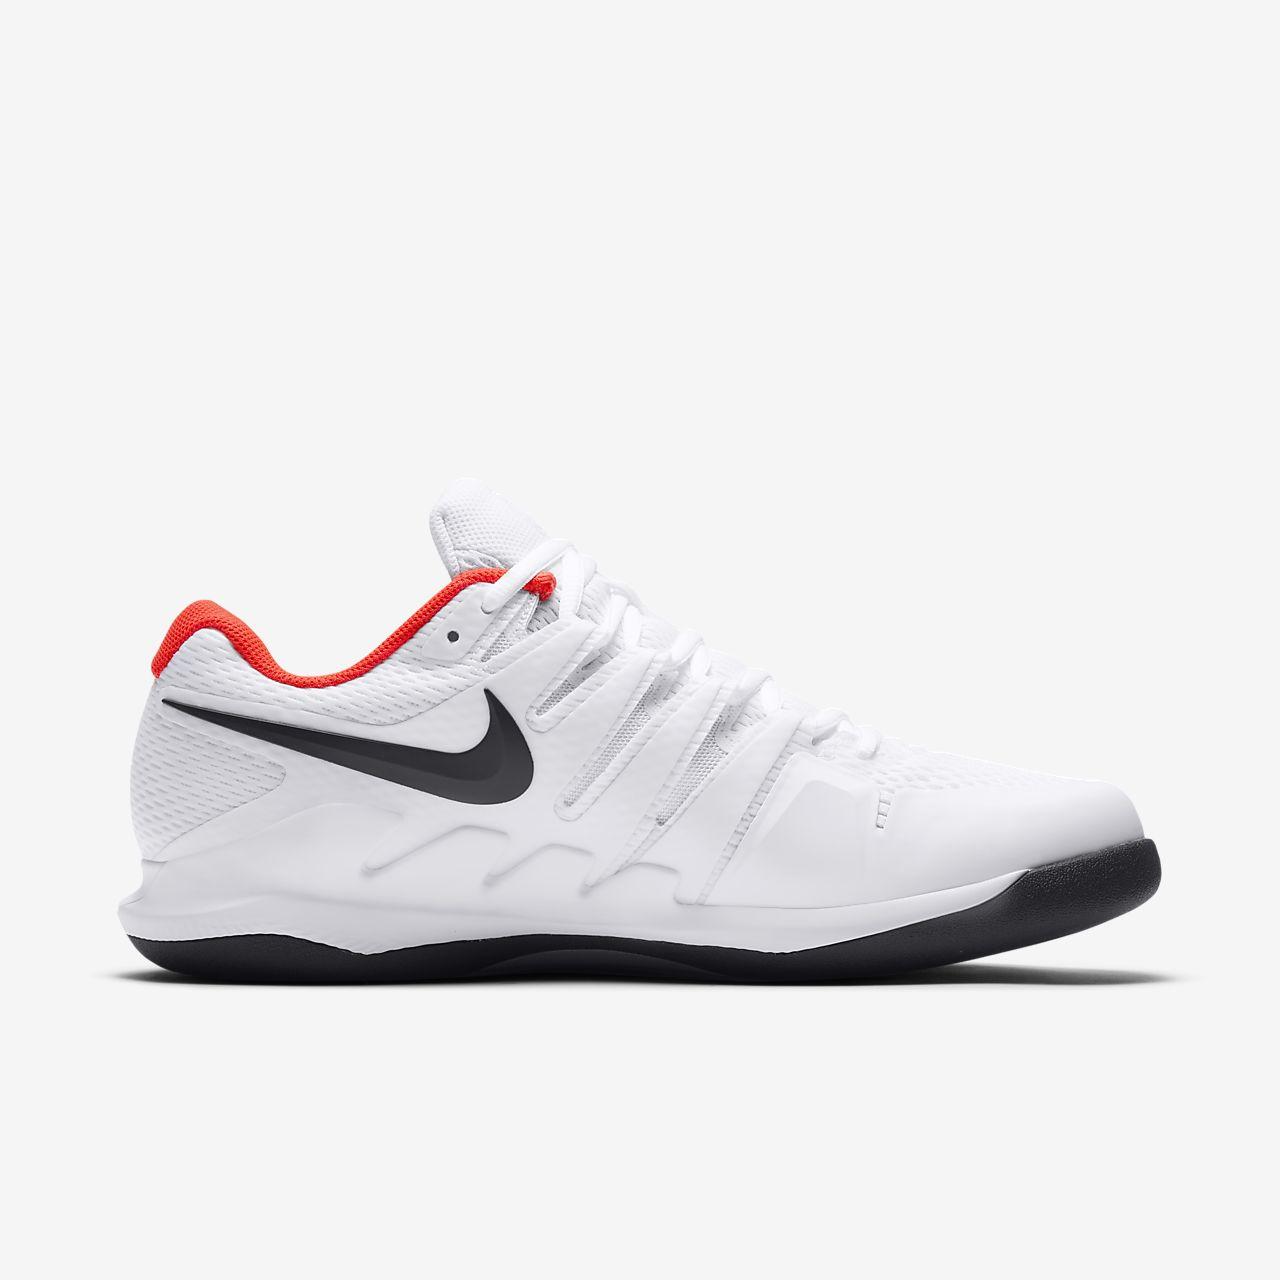 e9071d2d Calzado de tenis para hombre Nike Air Zoom Vapor X Carpet. Nike.com MX